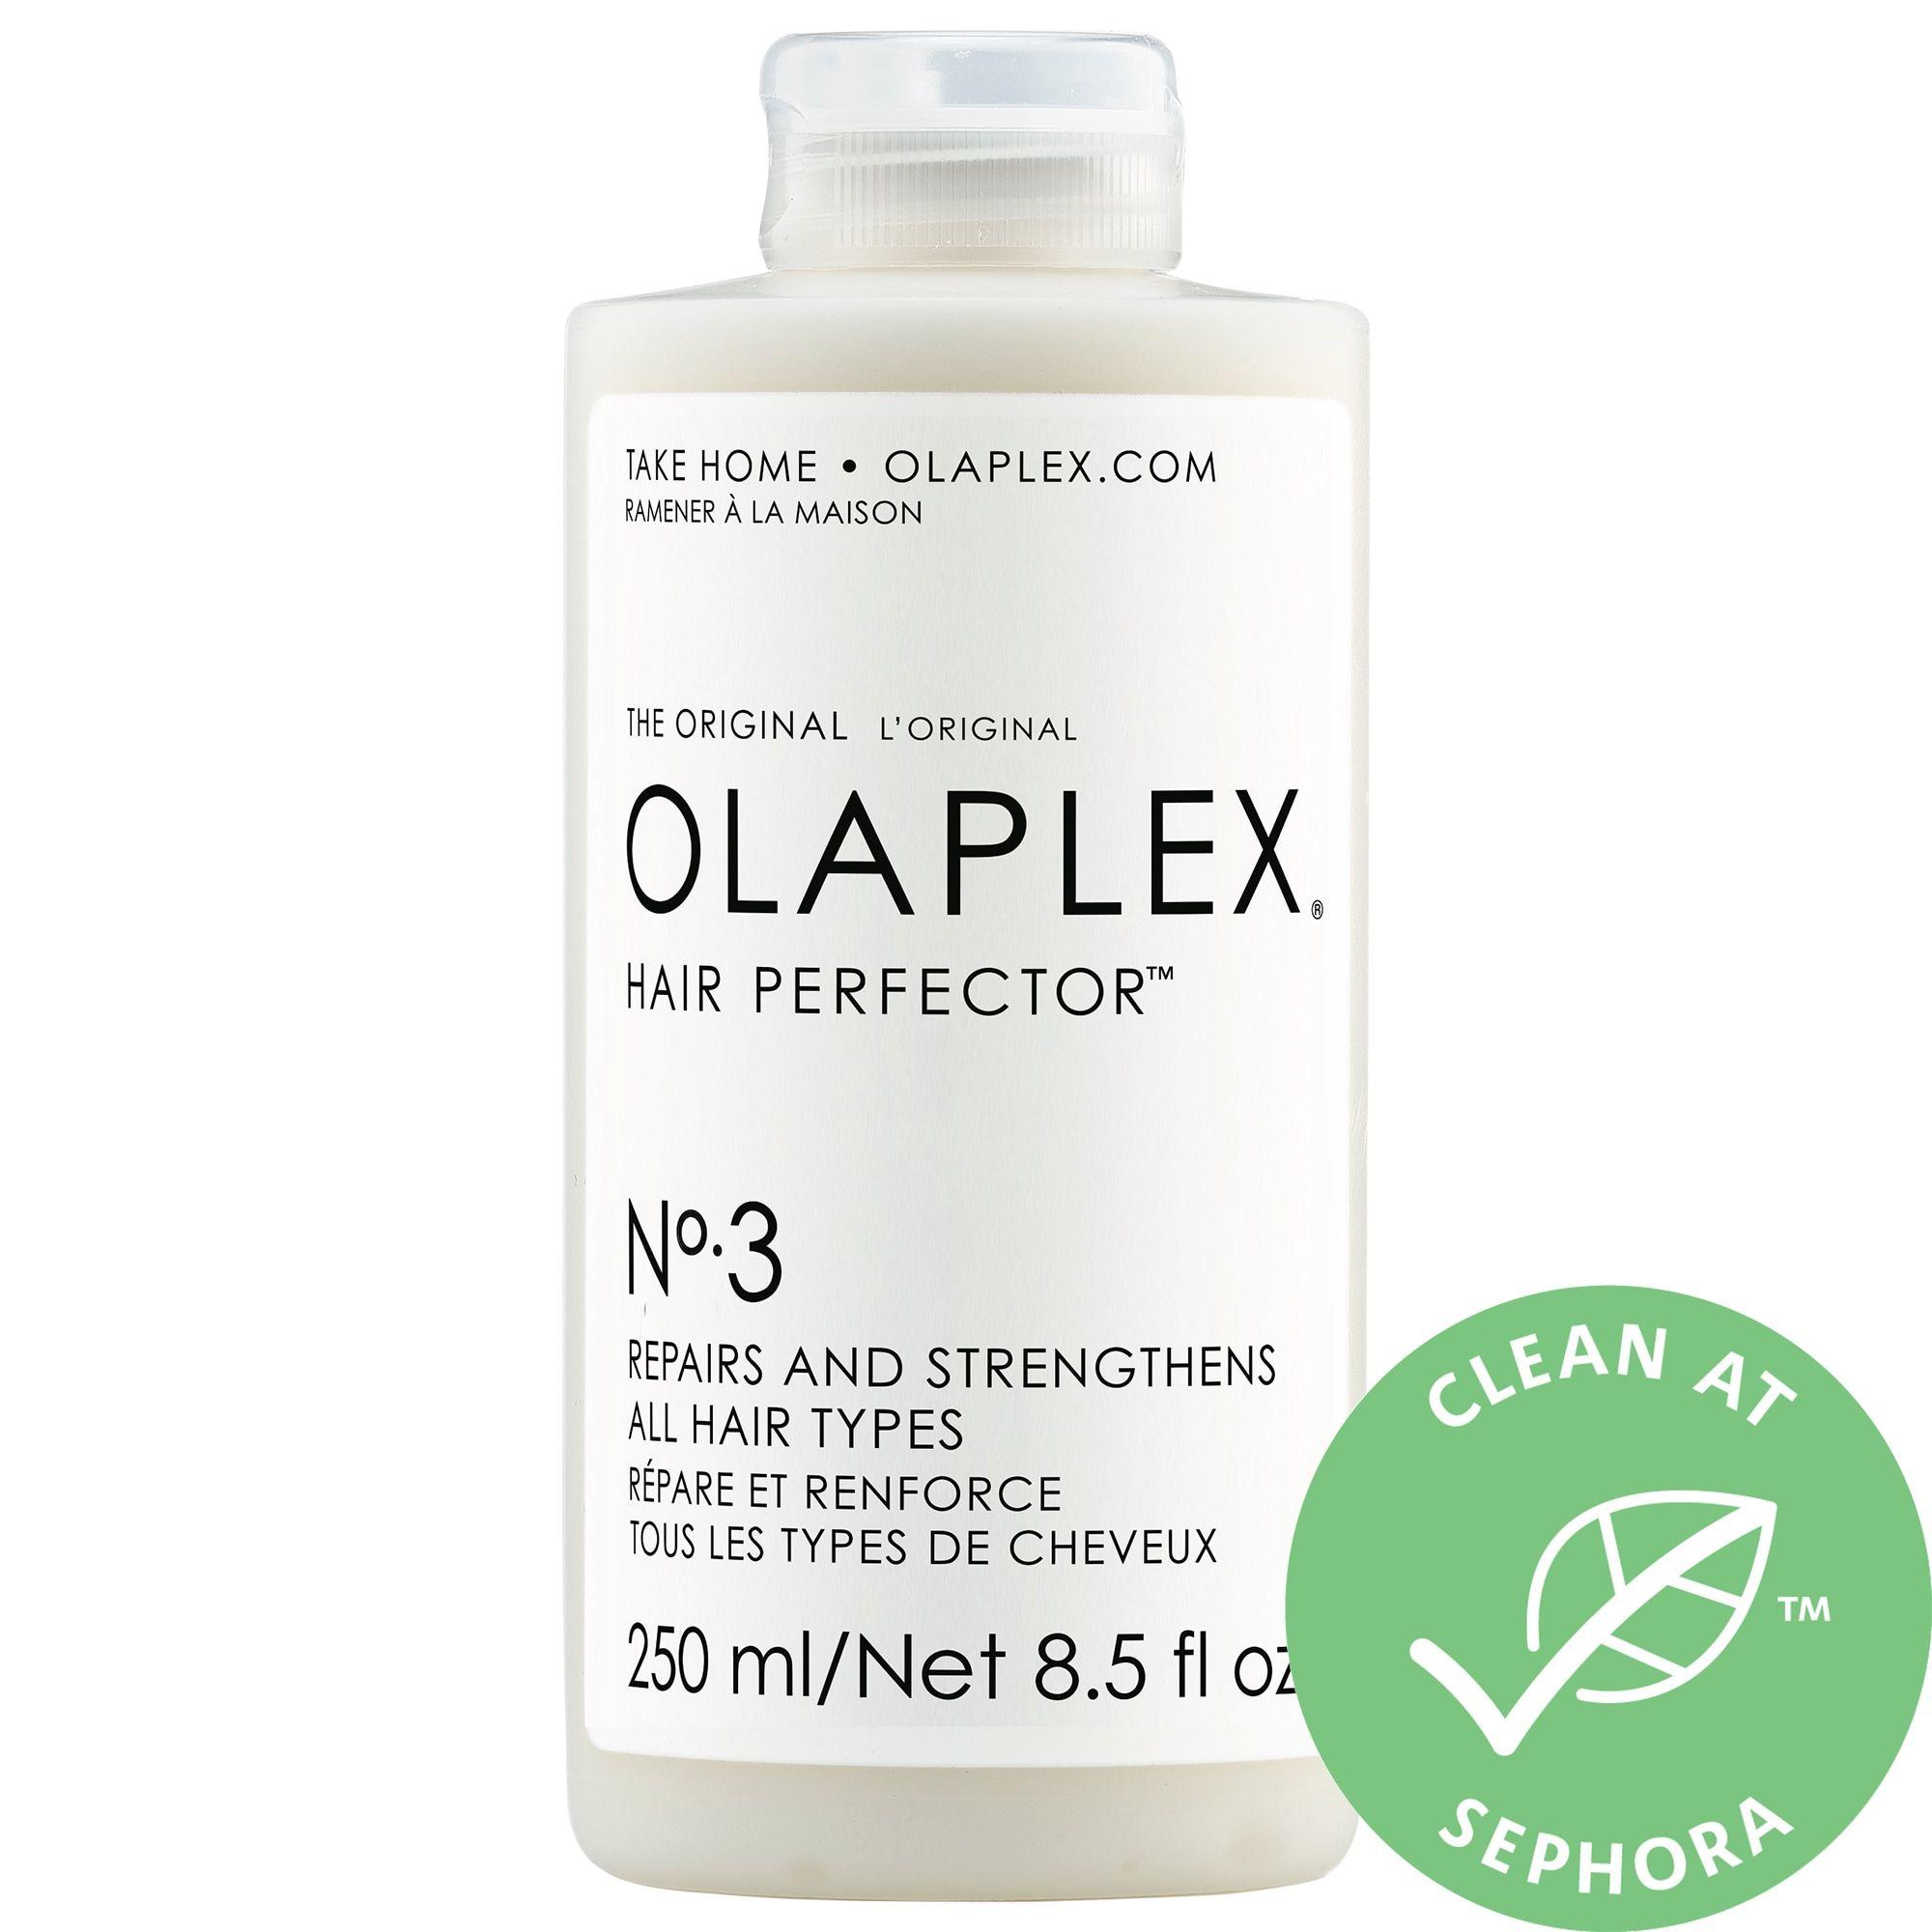 No. 3 Hair Perfector in 2020 Olaplex, Sephora, Hair vitamins